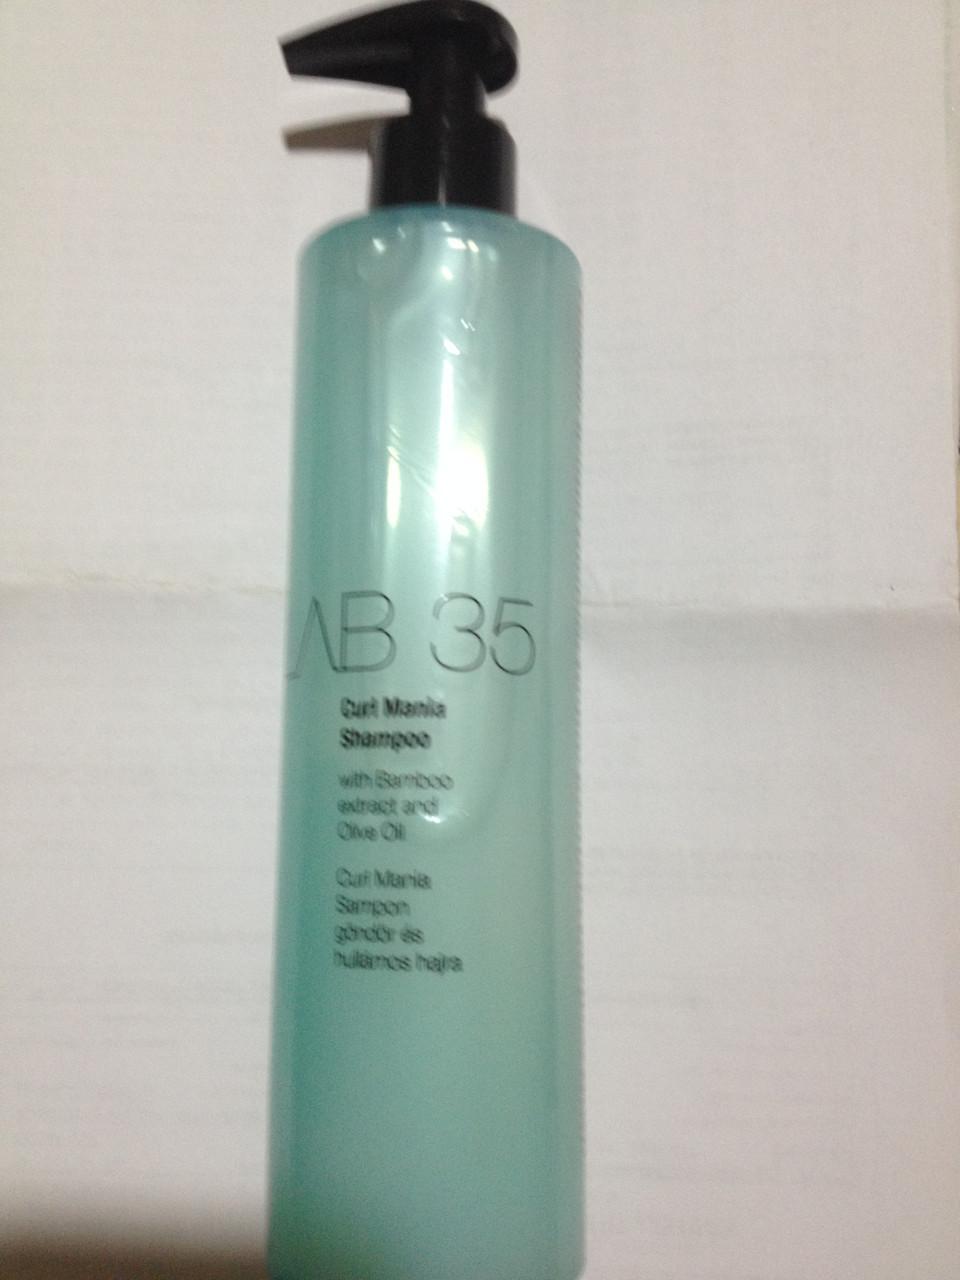 Lab 35 от Каллос  Шампунь для кудрявых и вьющихся волос